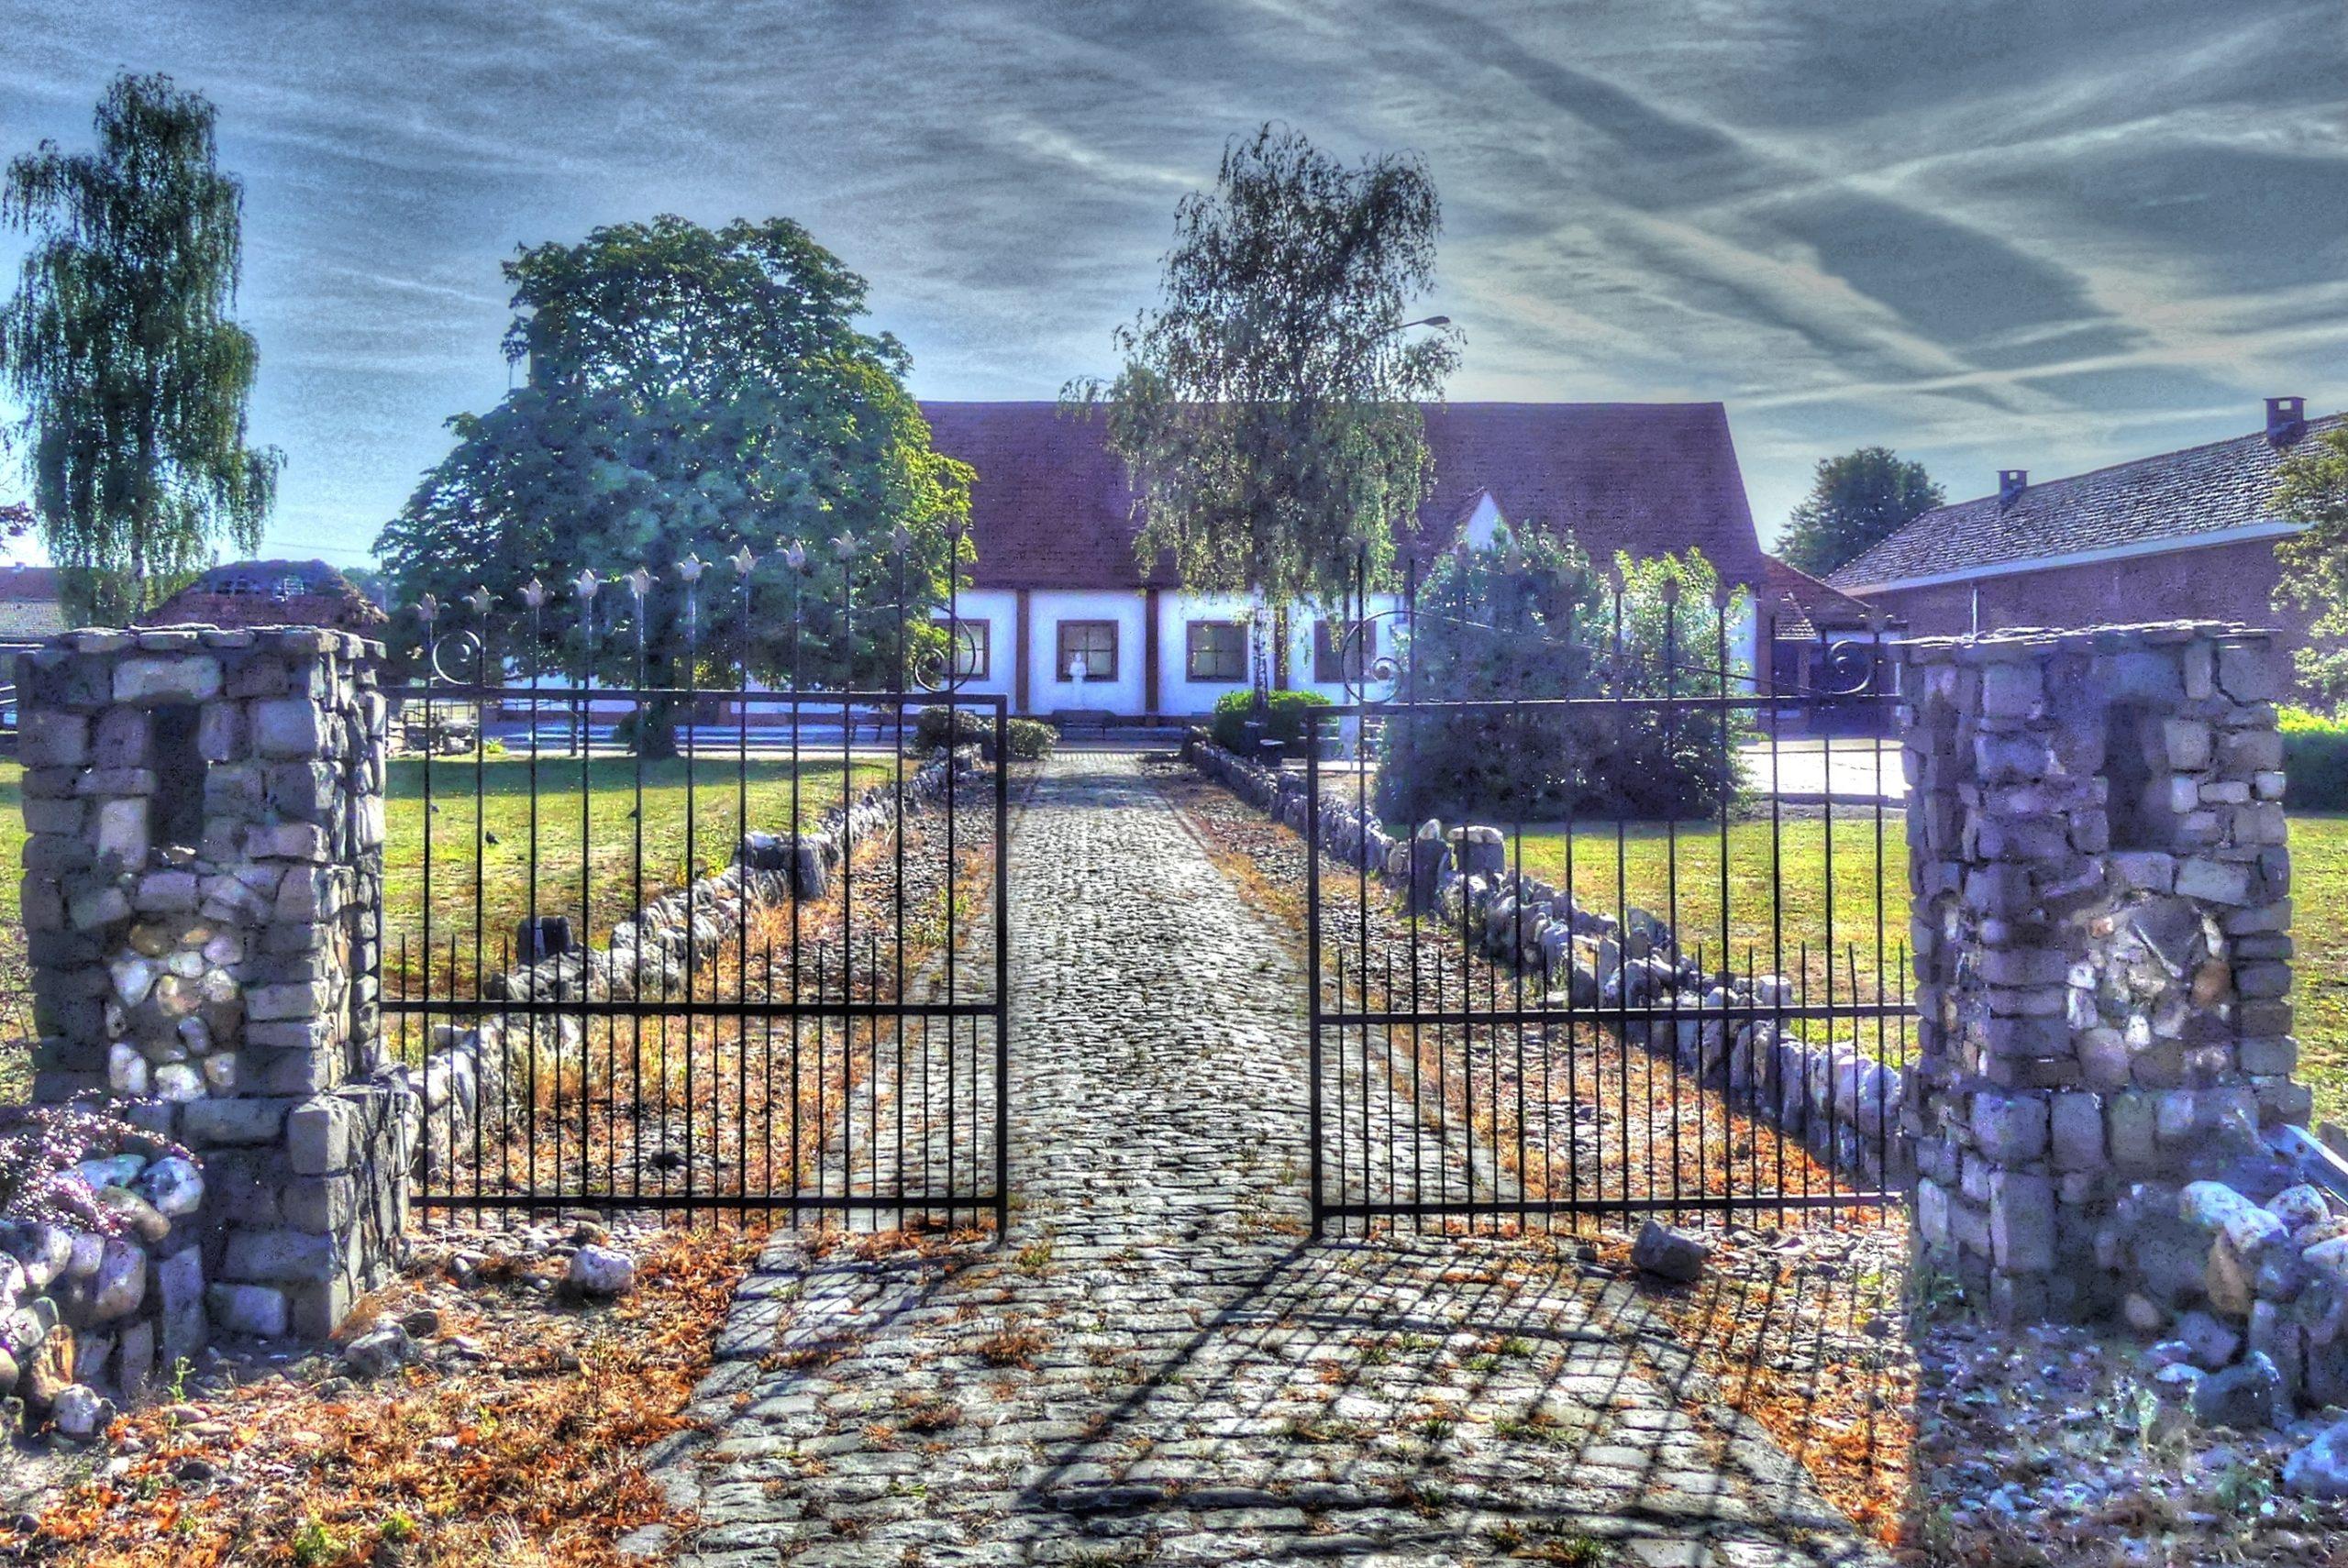 Church 'OLV Maagd der Armen'